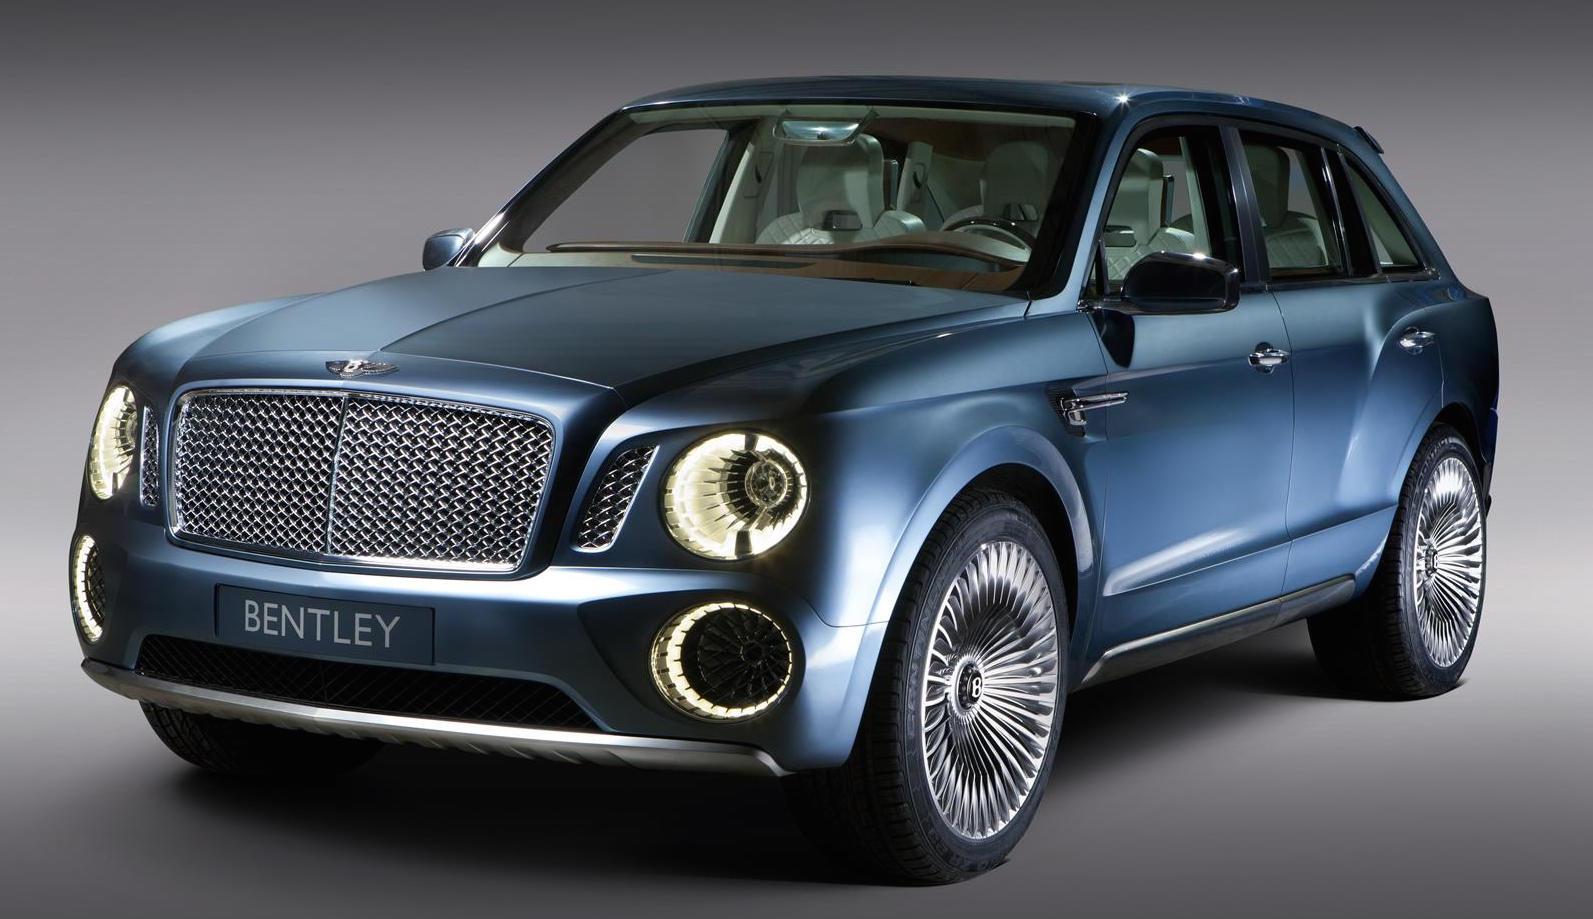 Bentley SUV (EXP 9F Concept)